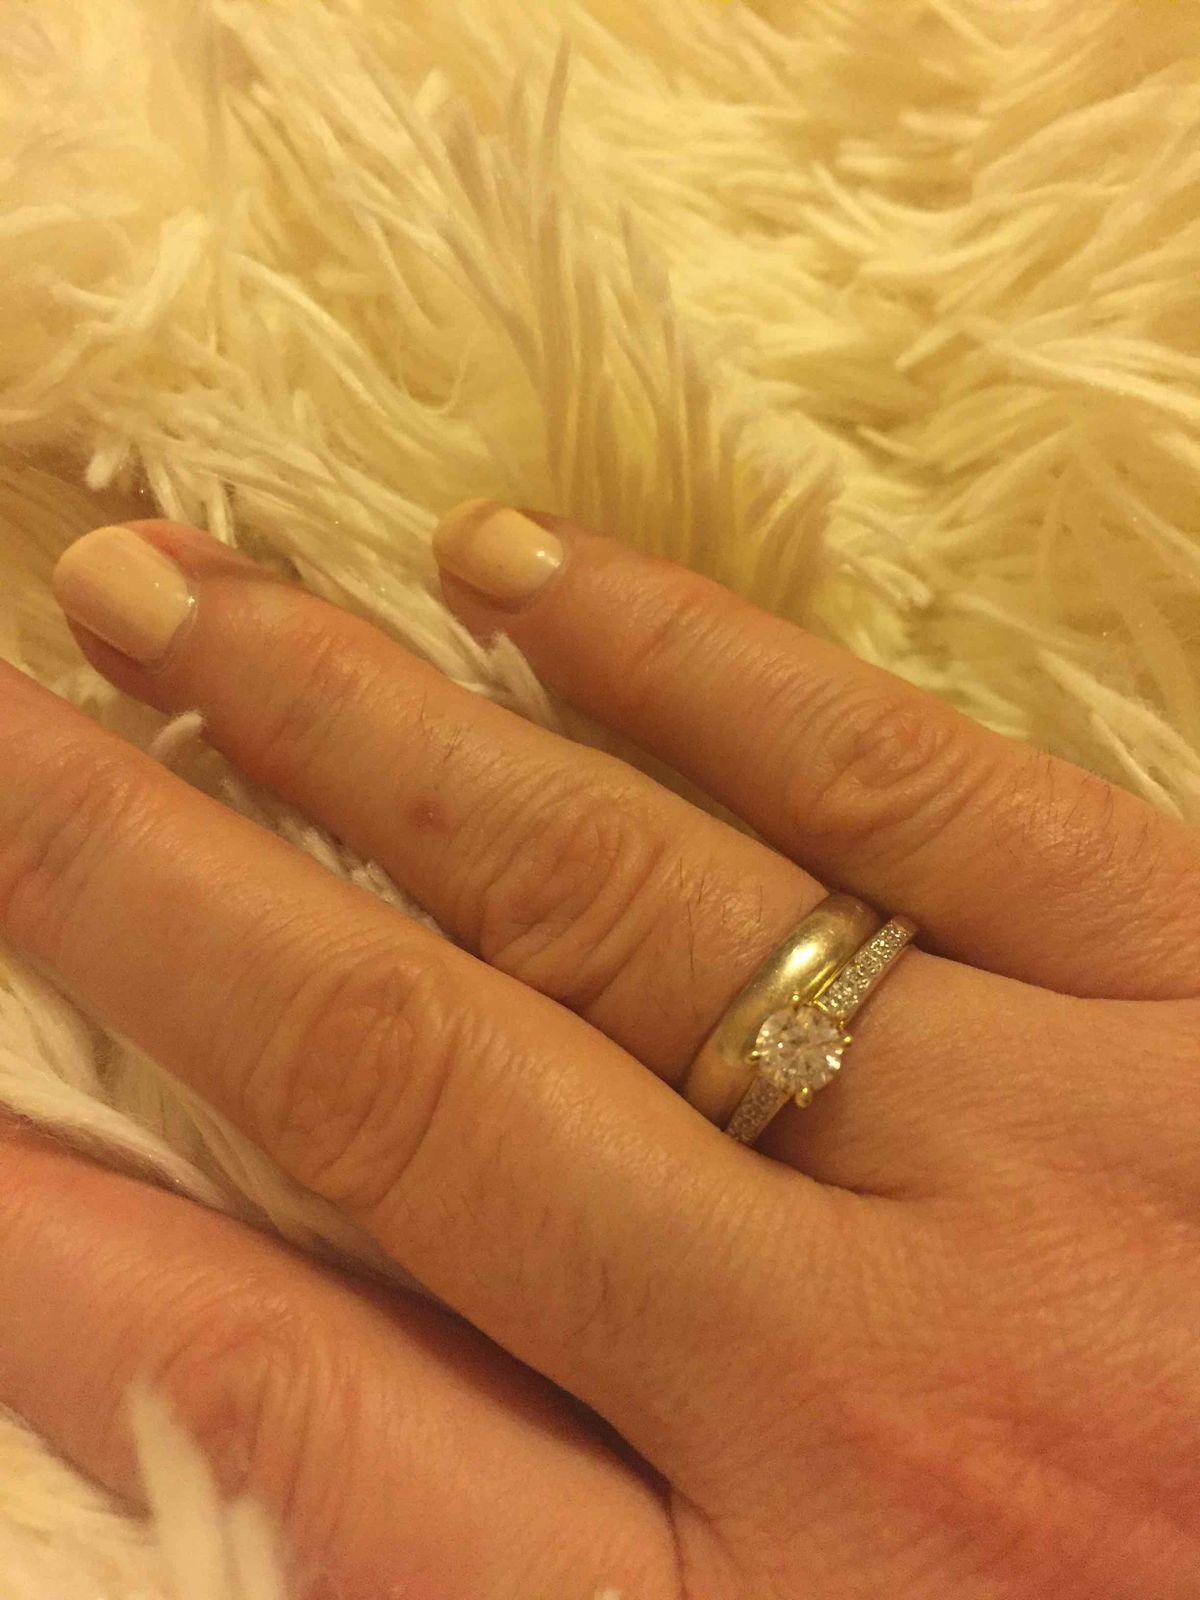 Красивое колечко, хорошо смотрится на руке, камни переливаются, рекомендую!